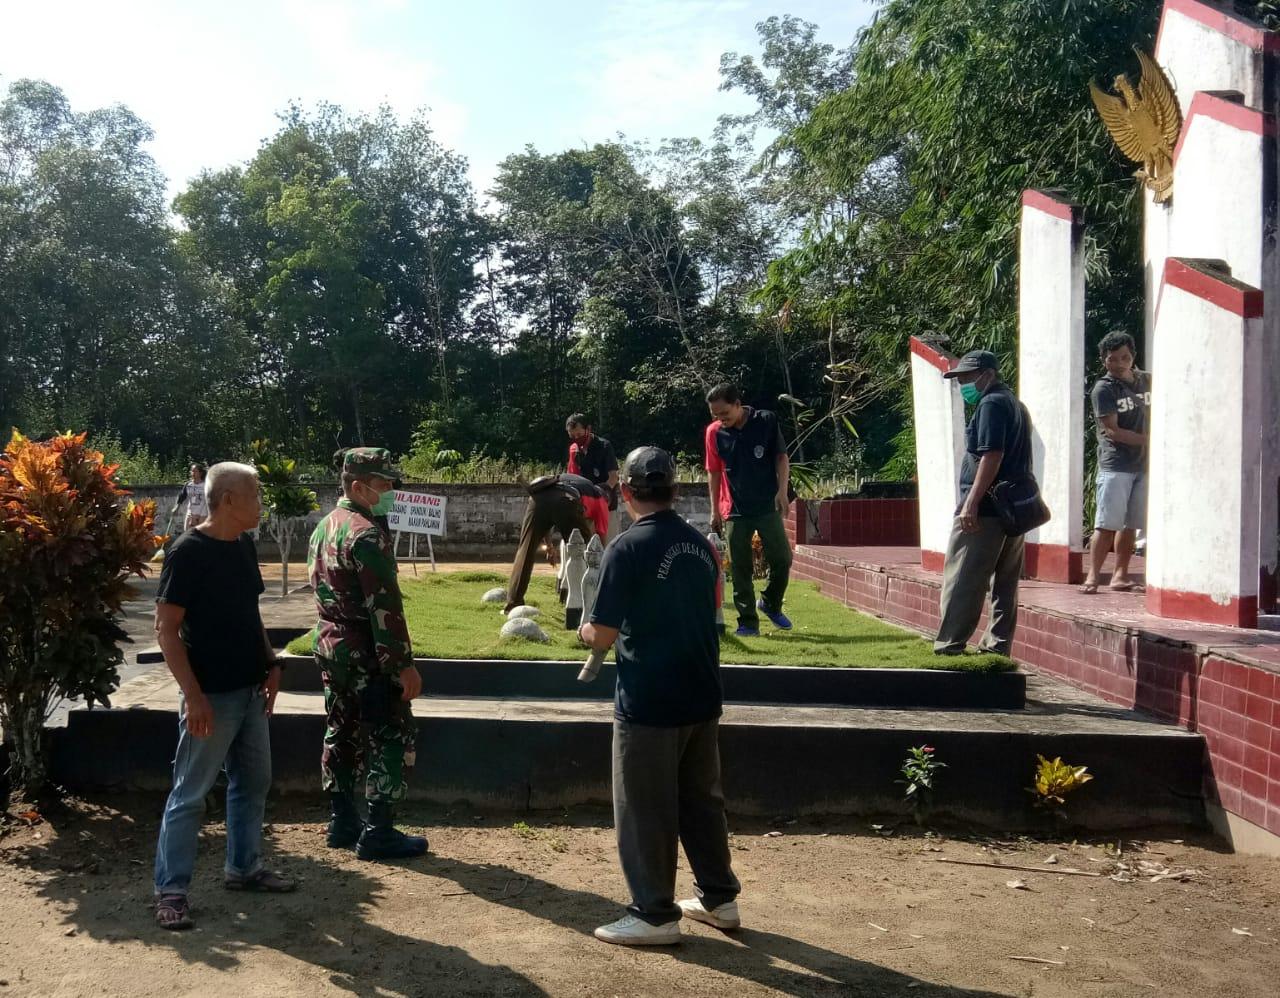 Jelang Peringatan Hari Lahir Pancasila, Koramil Sengah Temila Bersihkan TMP Pak Kasih Sidas